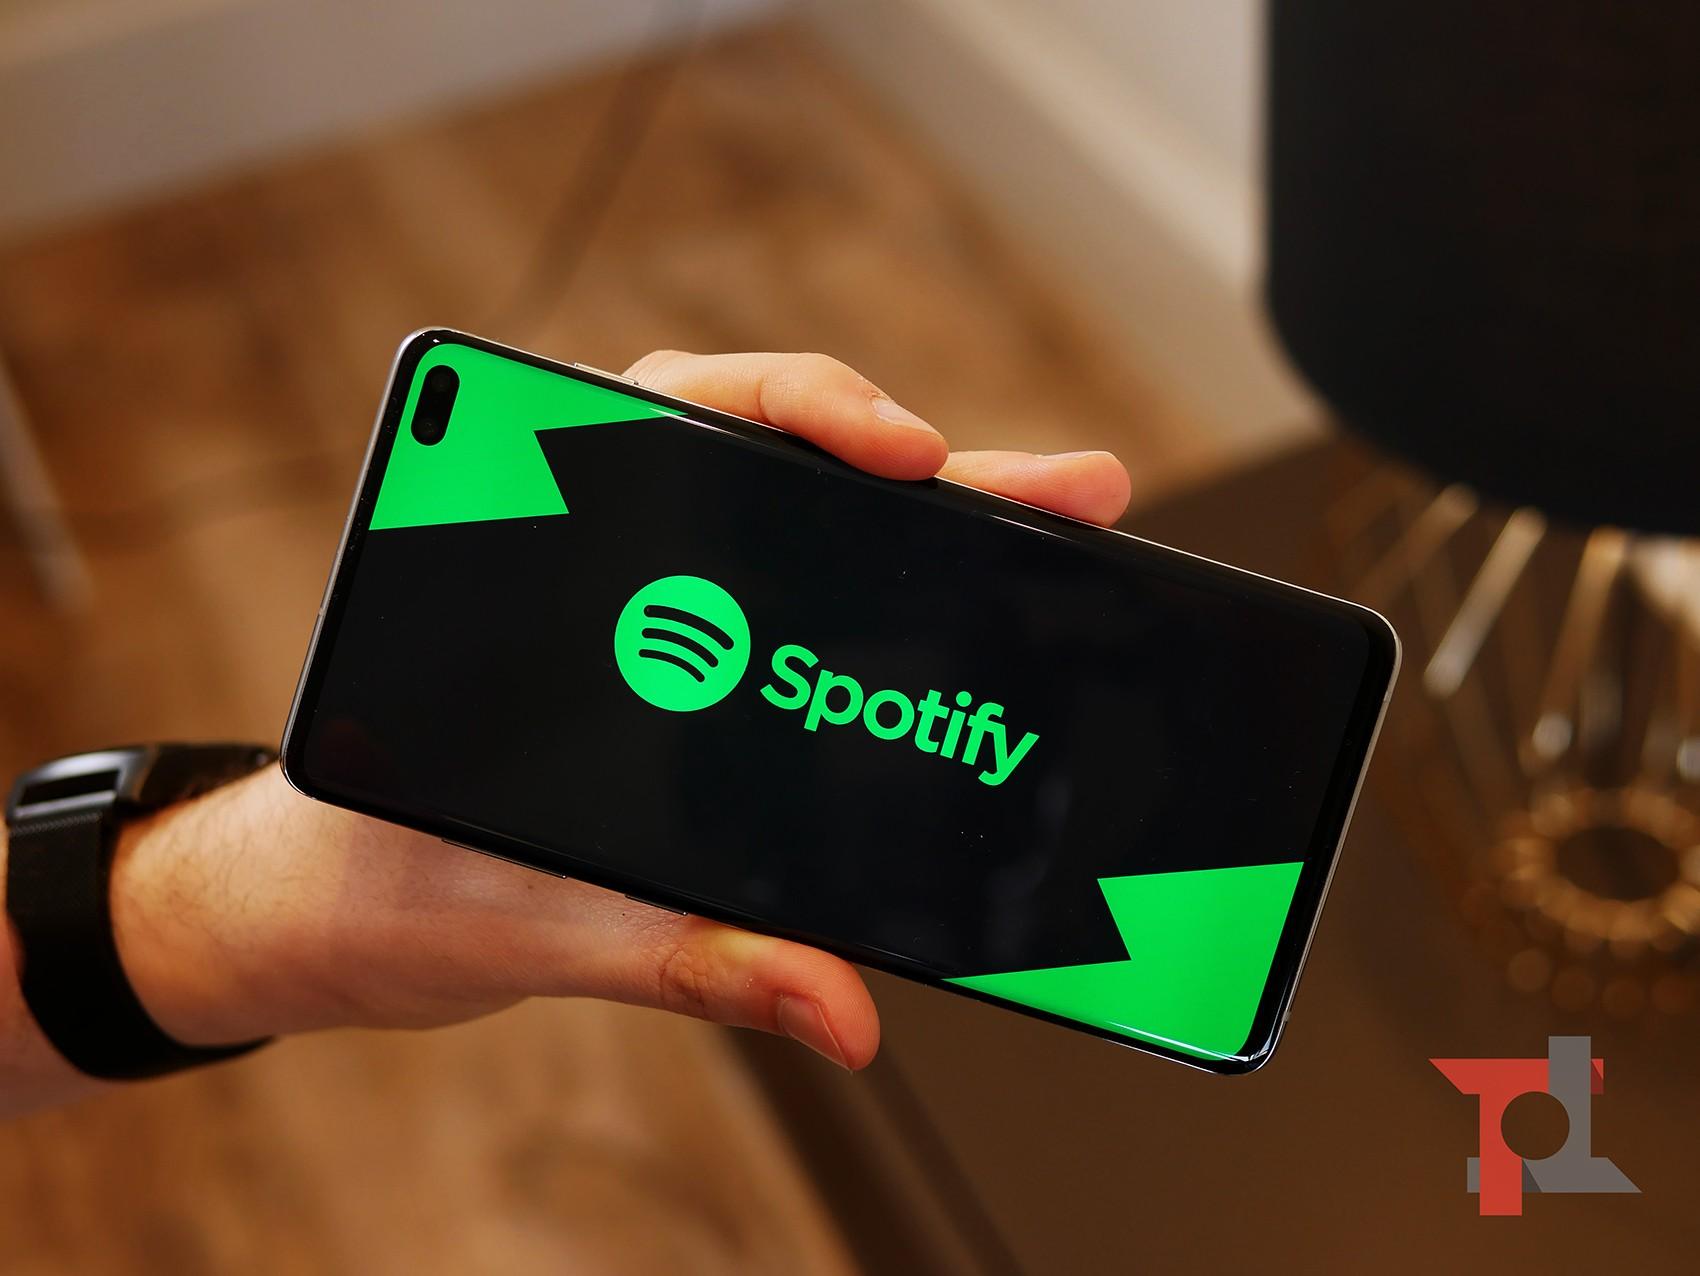 Spotify consente di accedere al servizio con l'account Google